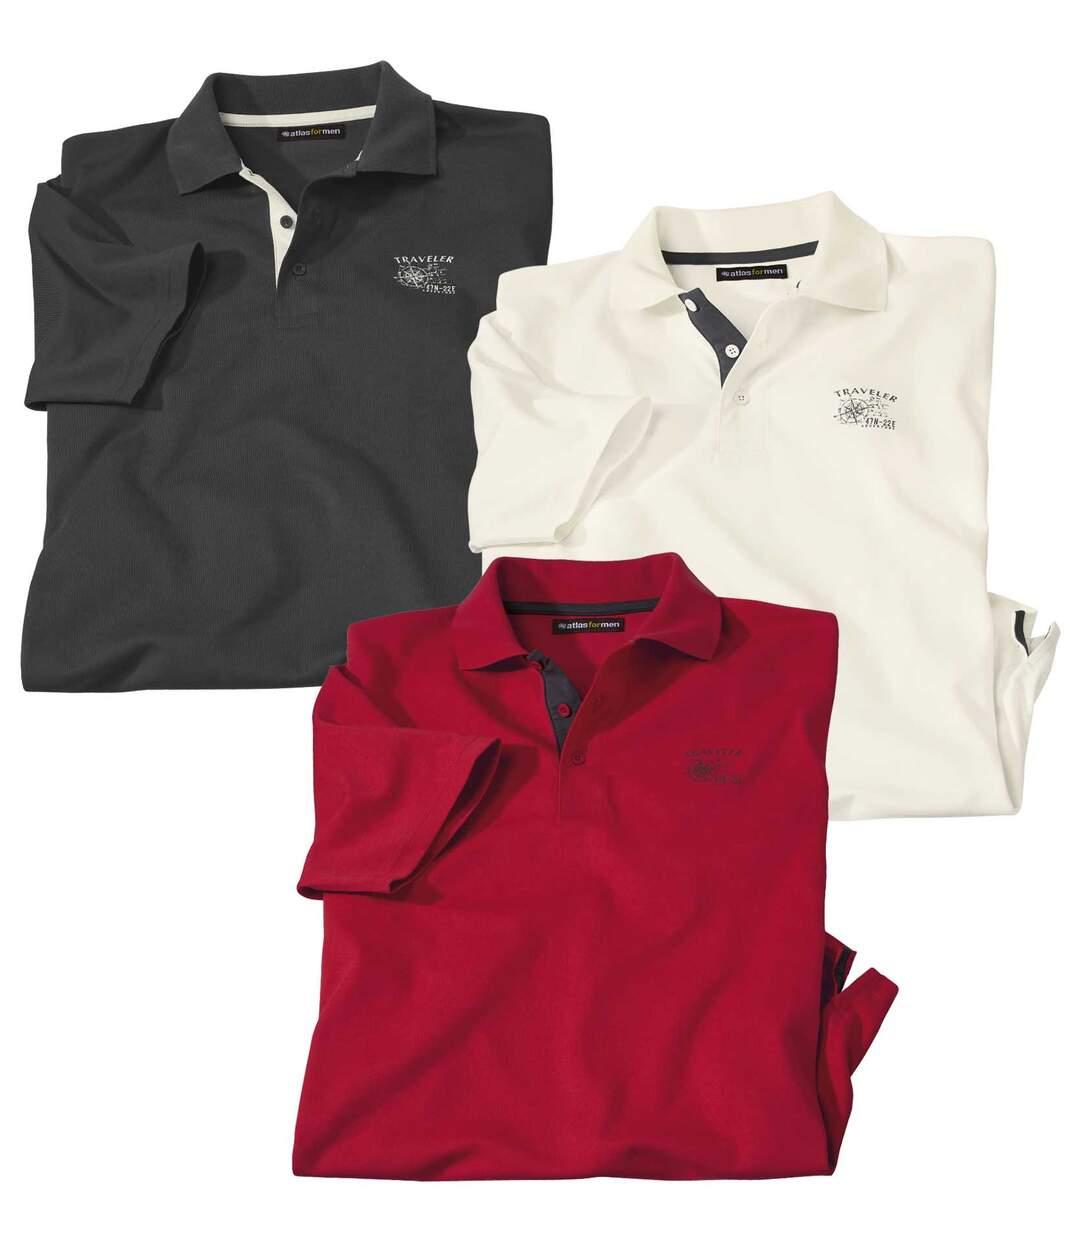 3er-Pack Poloshirts Ausflug